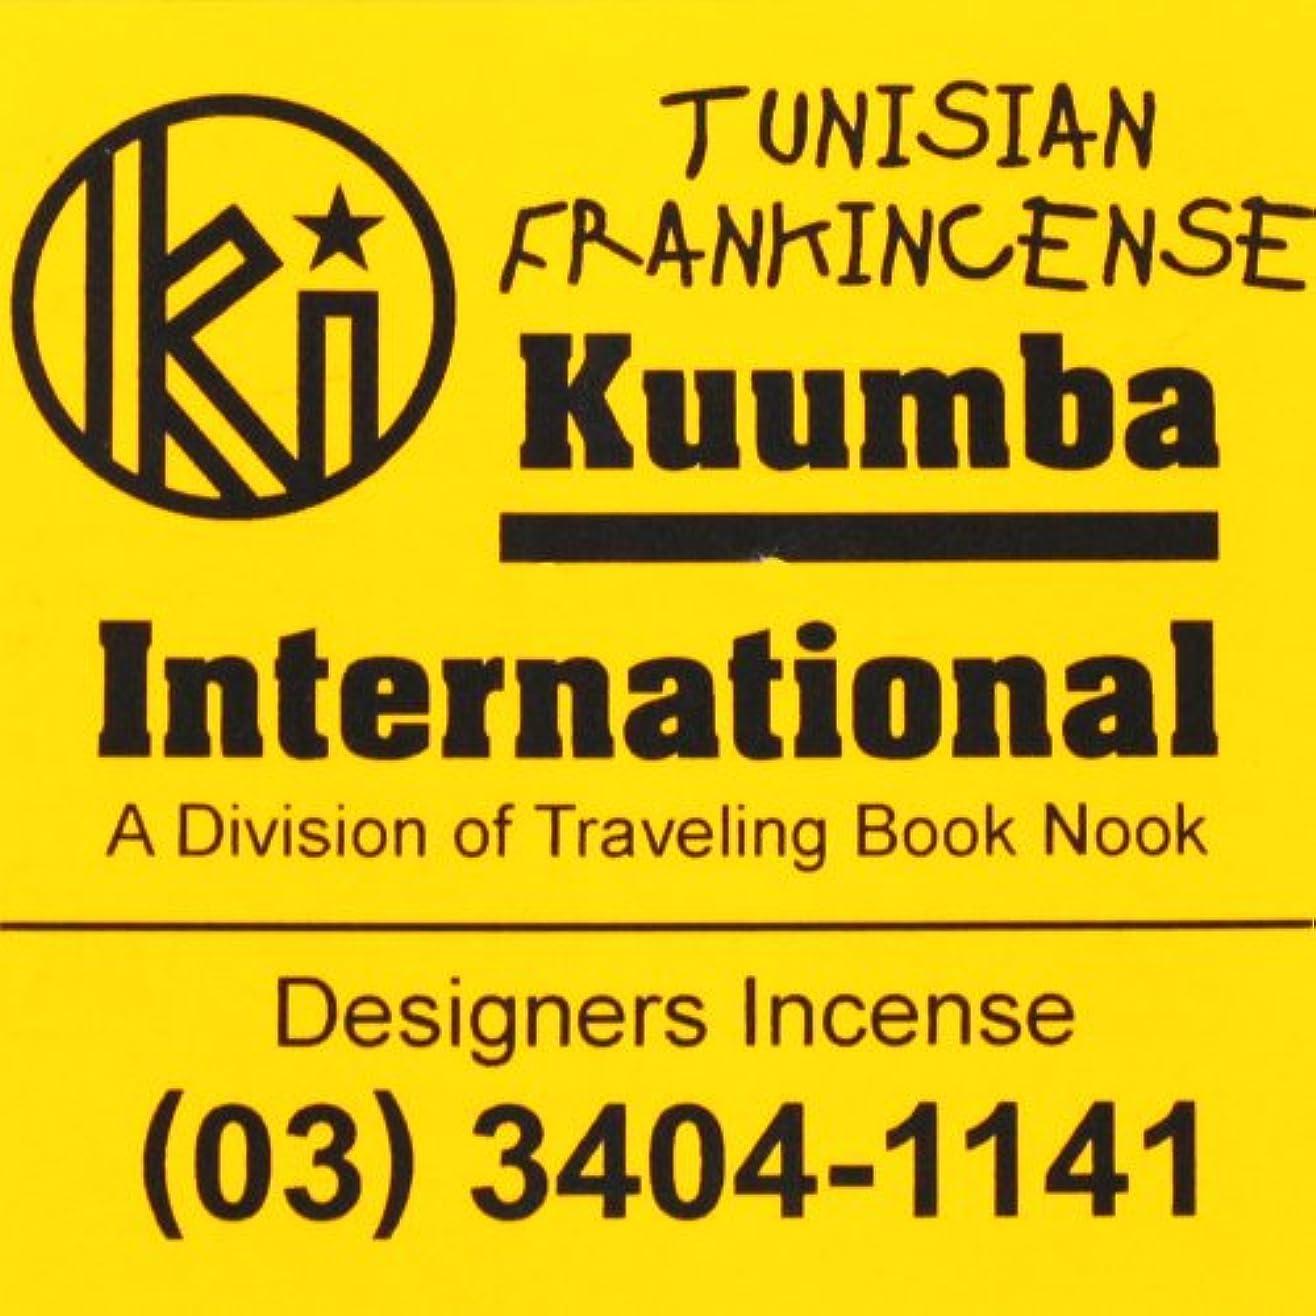 閉じ込めるフローティング証明(クンバ) KUUMBA『classic regular incense』(TUNISIAN FRANKINCENSE) (Regular size)